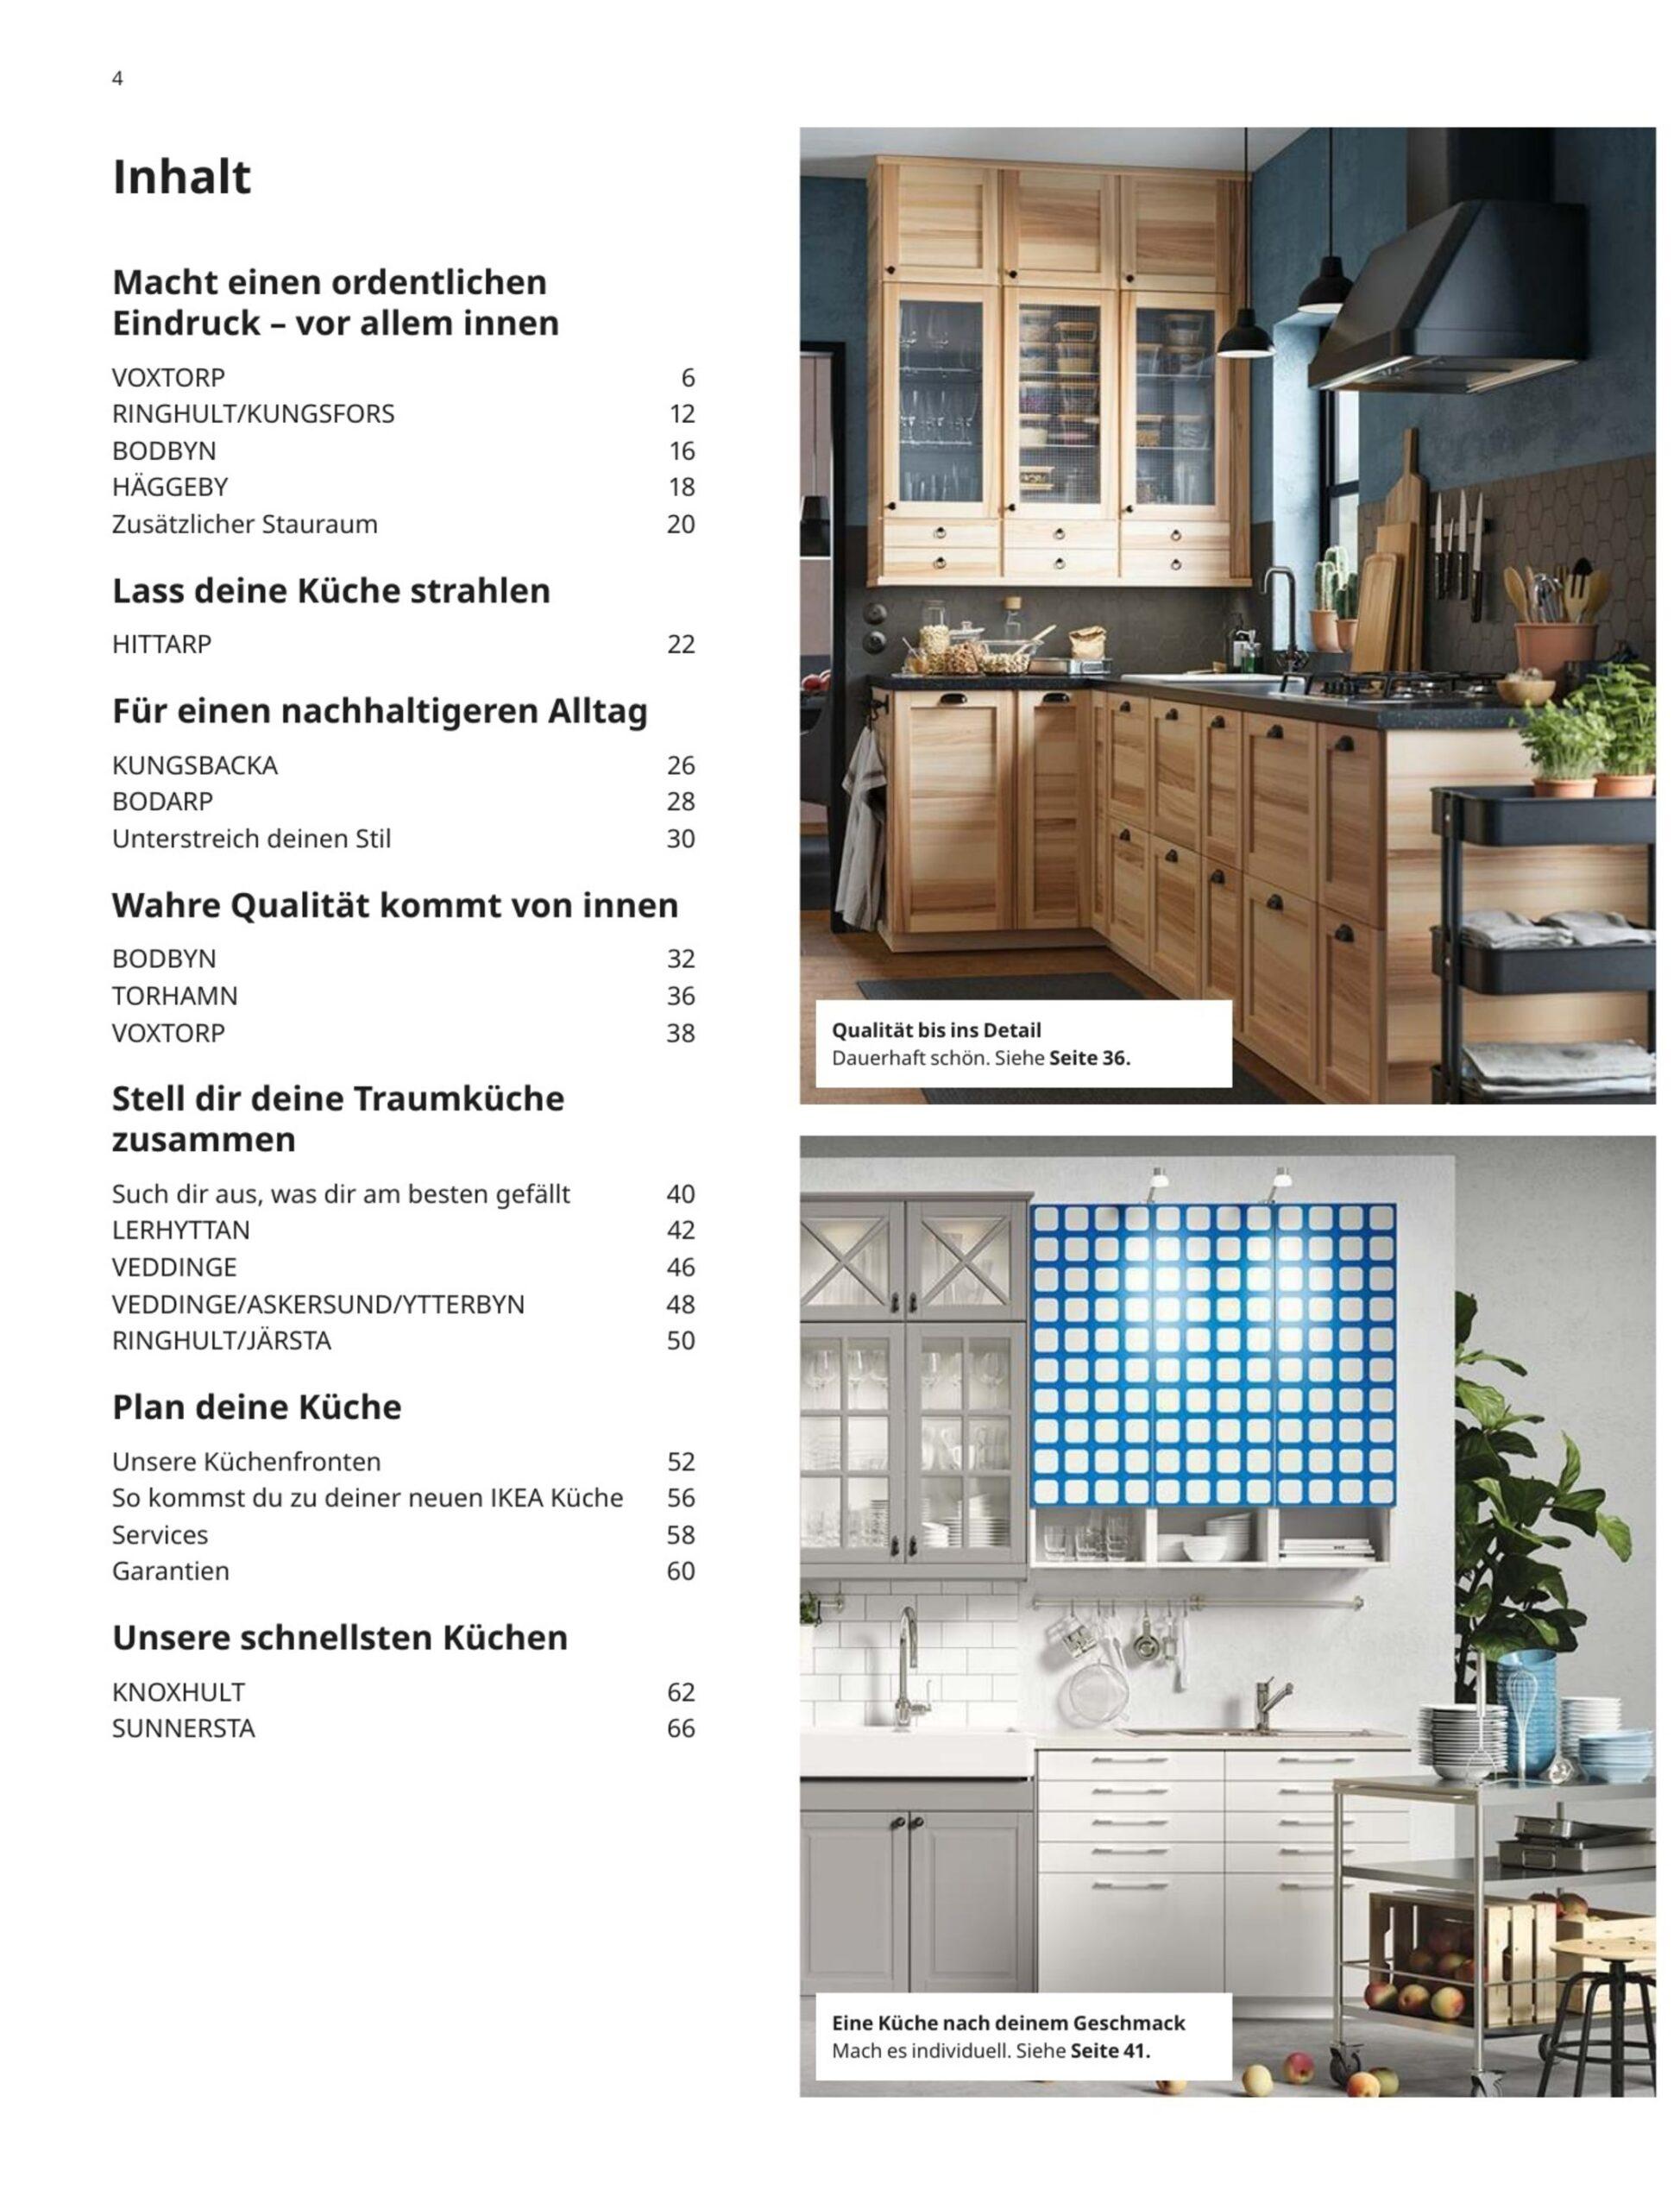 Full Size of Möbelgriffe Küche Doppelblock Vinylboden Modulküche Ikea Deckenleuchten Apothekerschrank Betonoptik Grifflose Jalousieschrank Ohne Elektrogeräte Wohnzimmer Voxtorp Küche Ikea